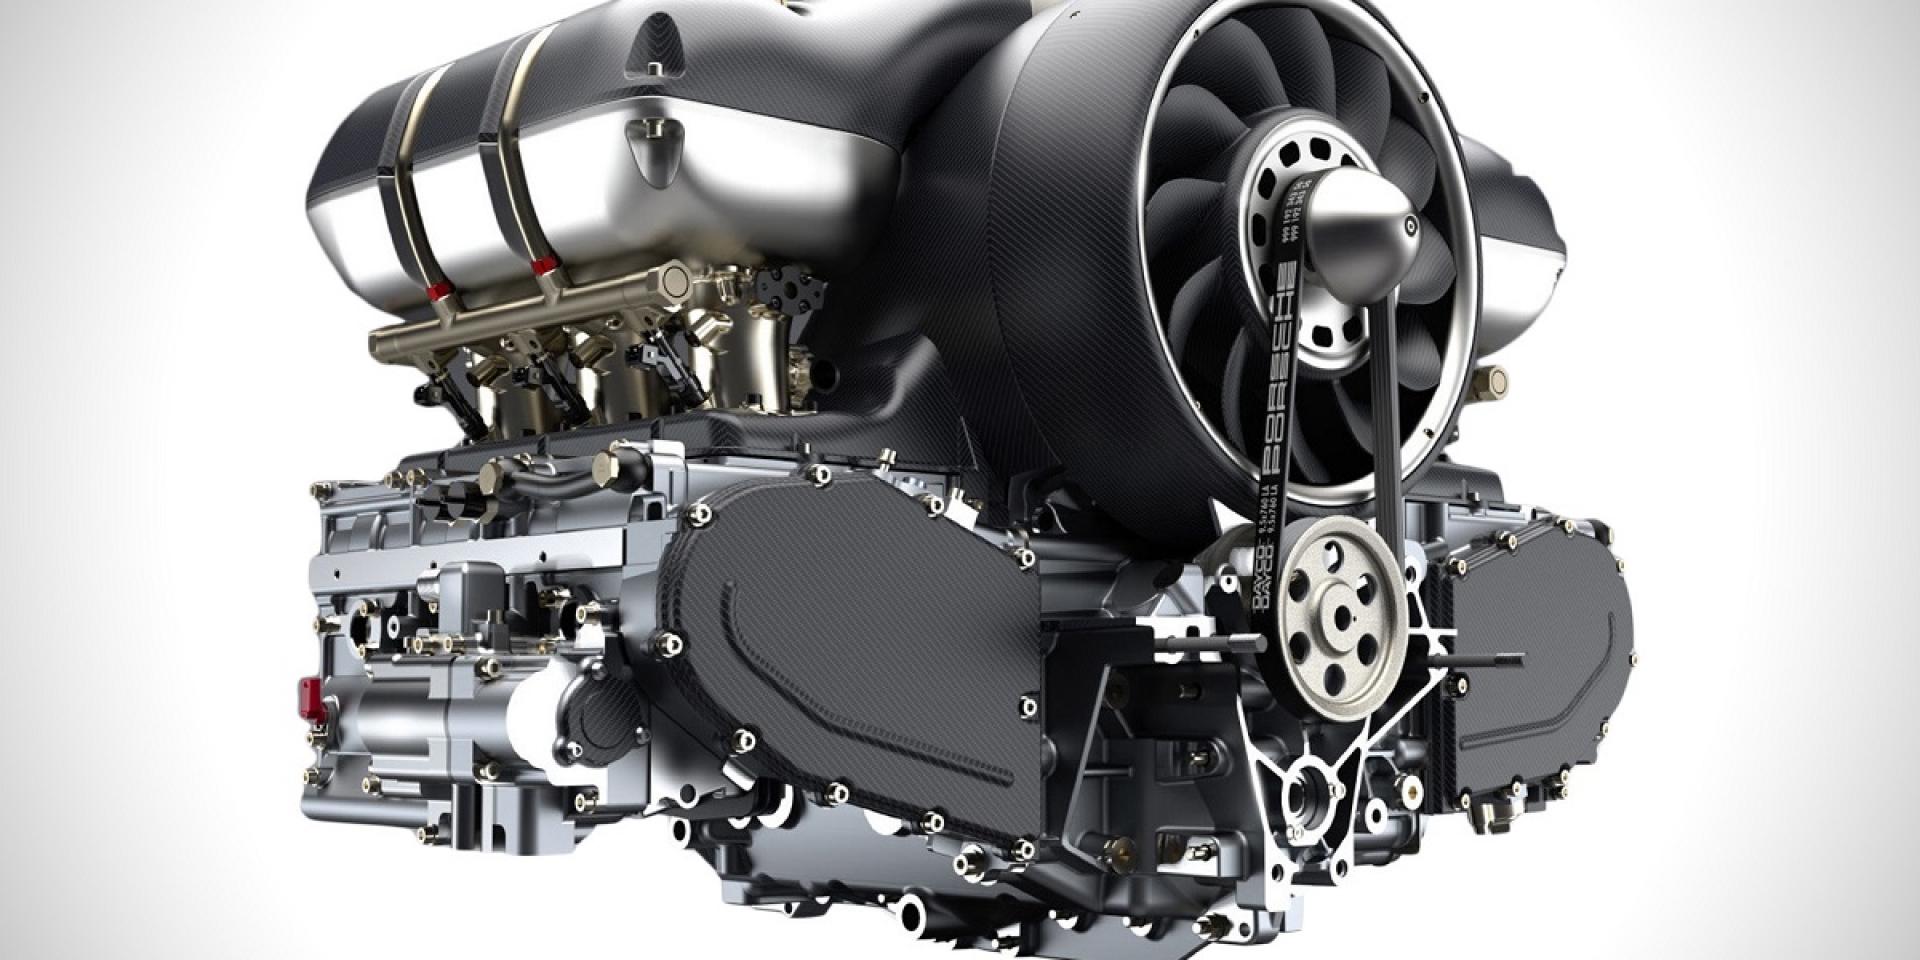 最強氣冷500hp!Singer 與 Williams聯手打造保時捷氣冷引擎